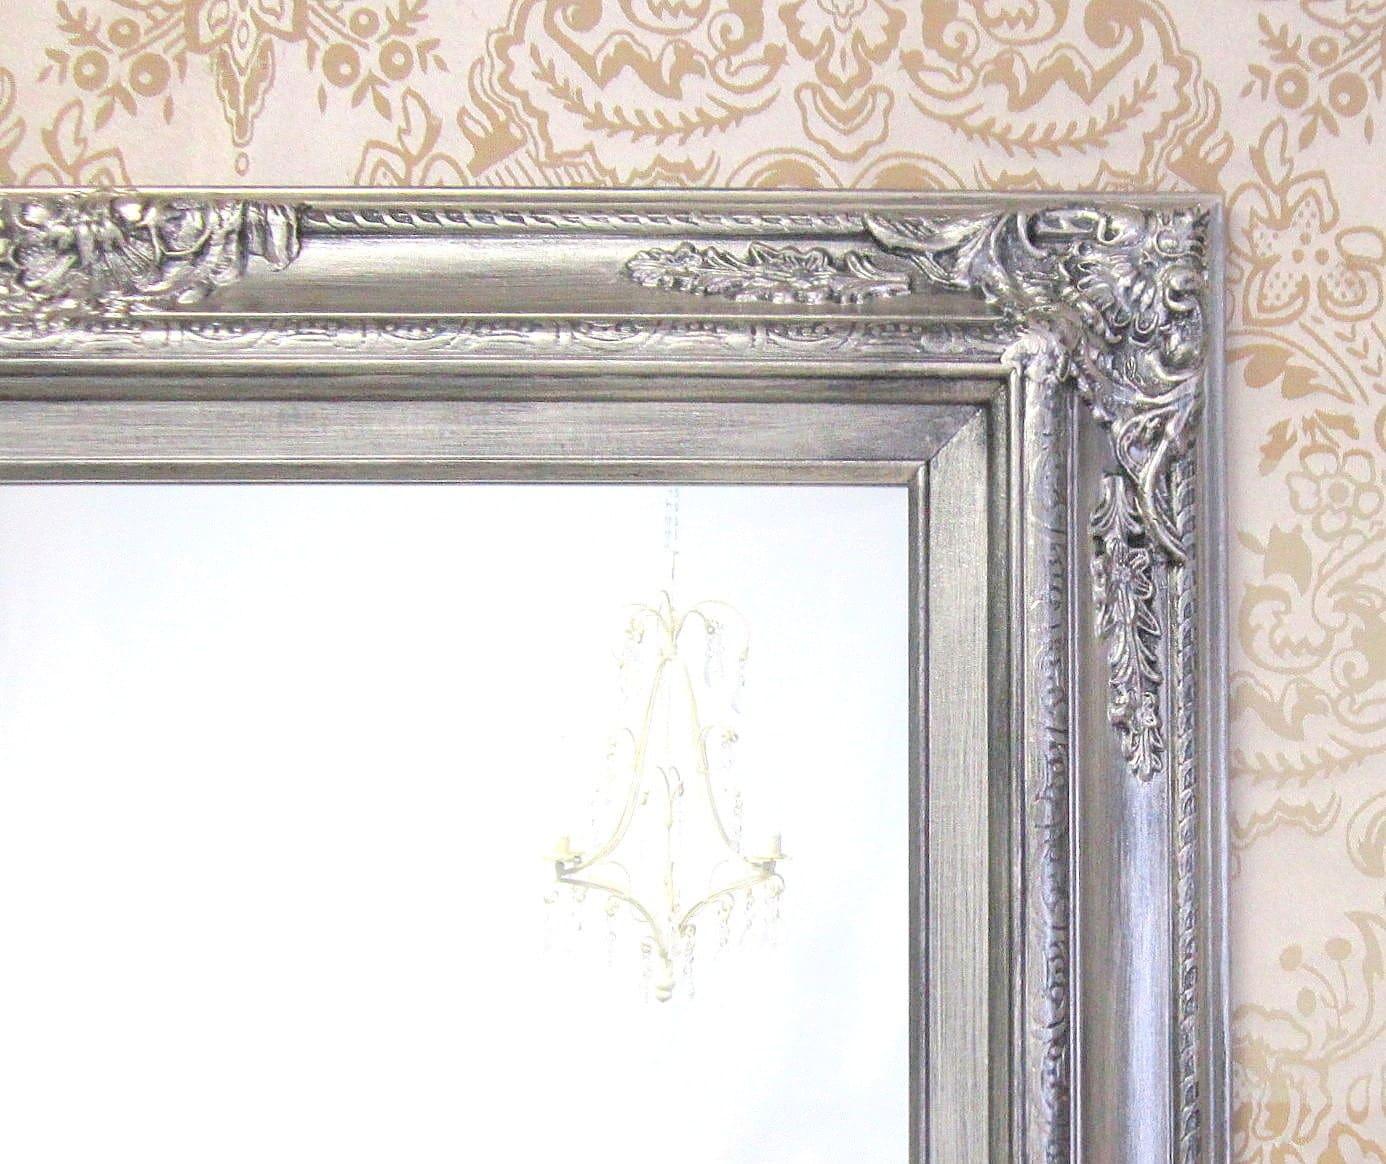 brushed nickel accents bathroom mirror framed by revivedvintage. Black Bedroom Furniture Sets. Home Design Ideas